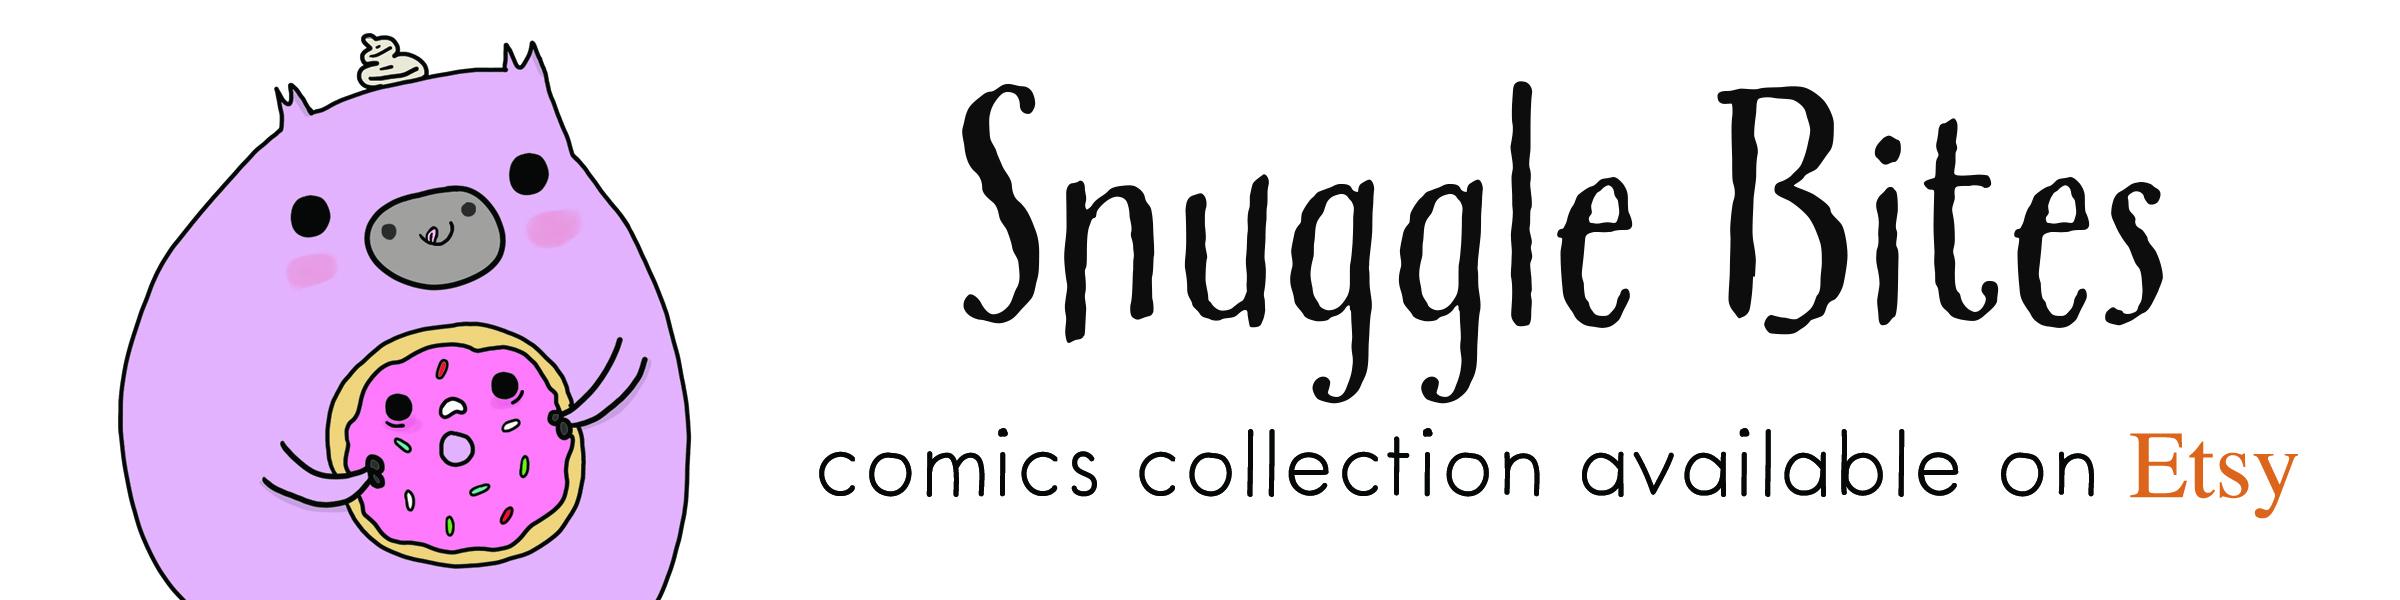 Snuggle Bites Banner - long.jpg